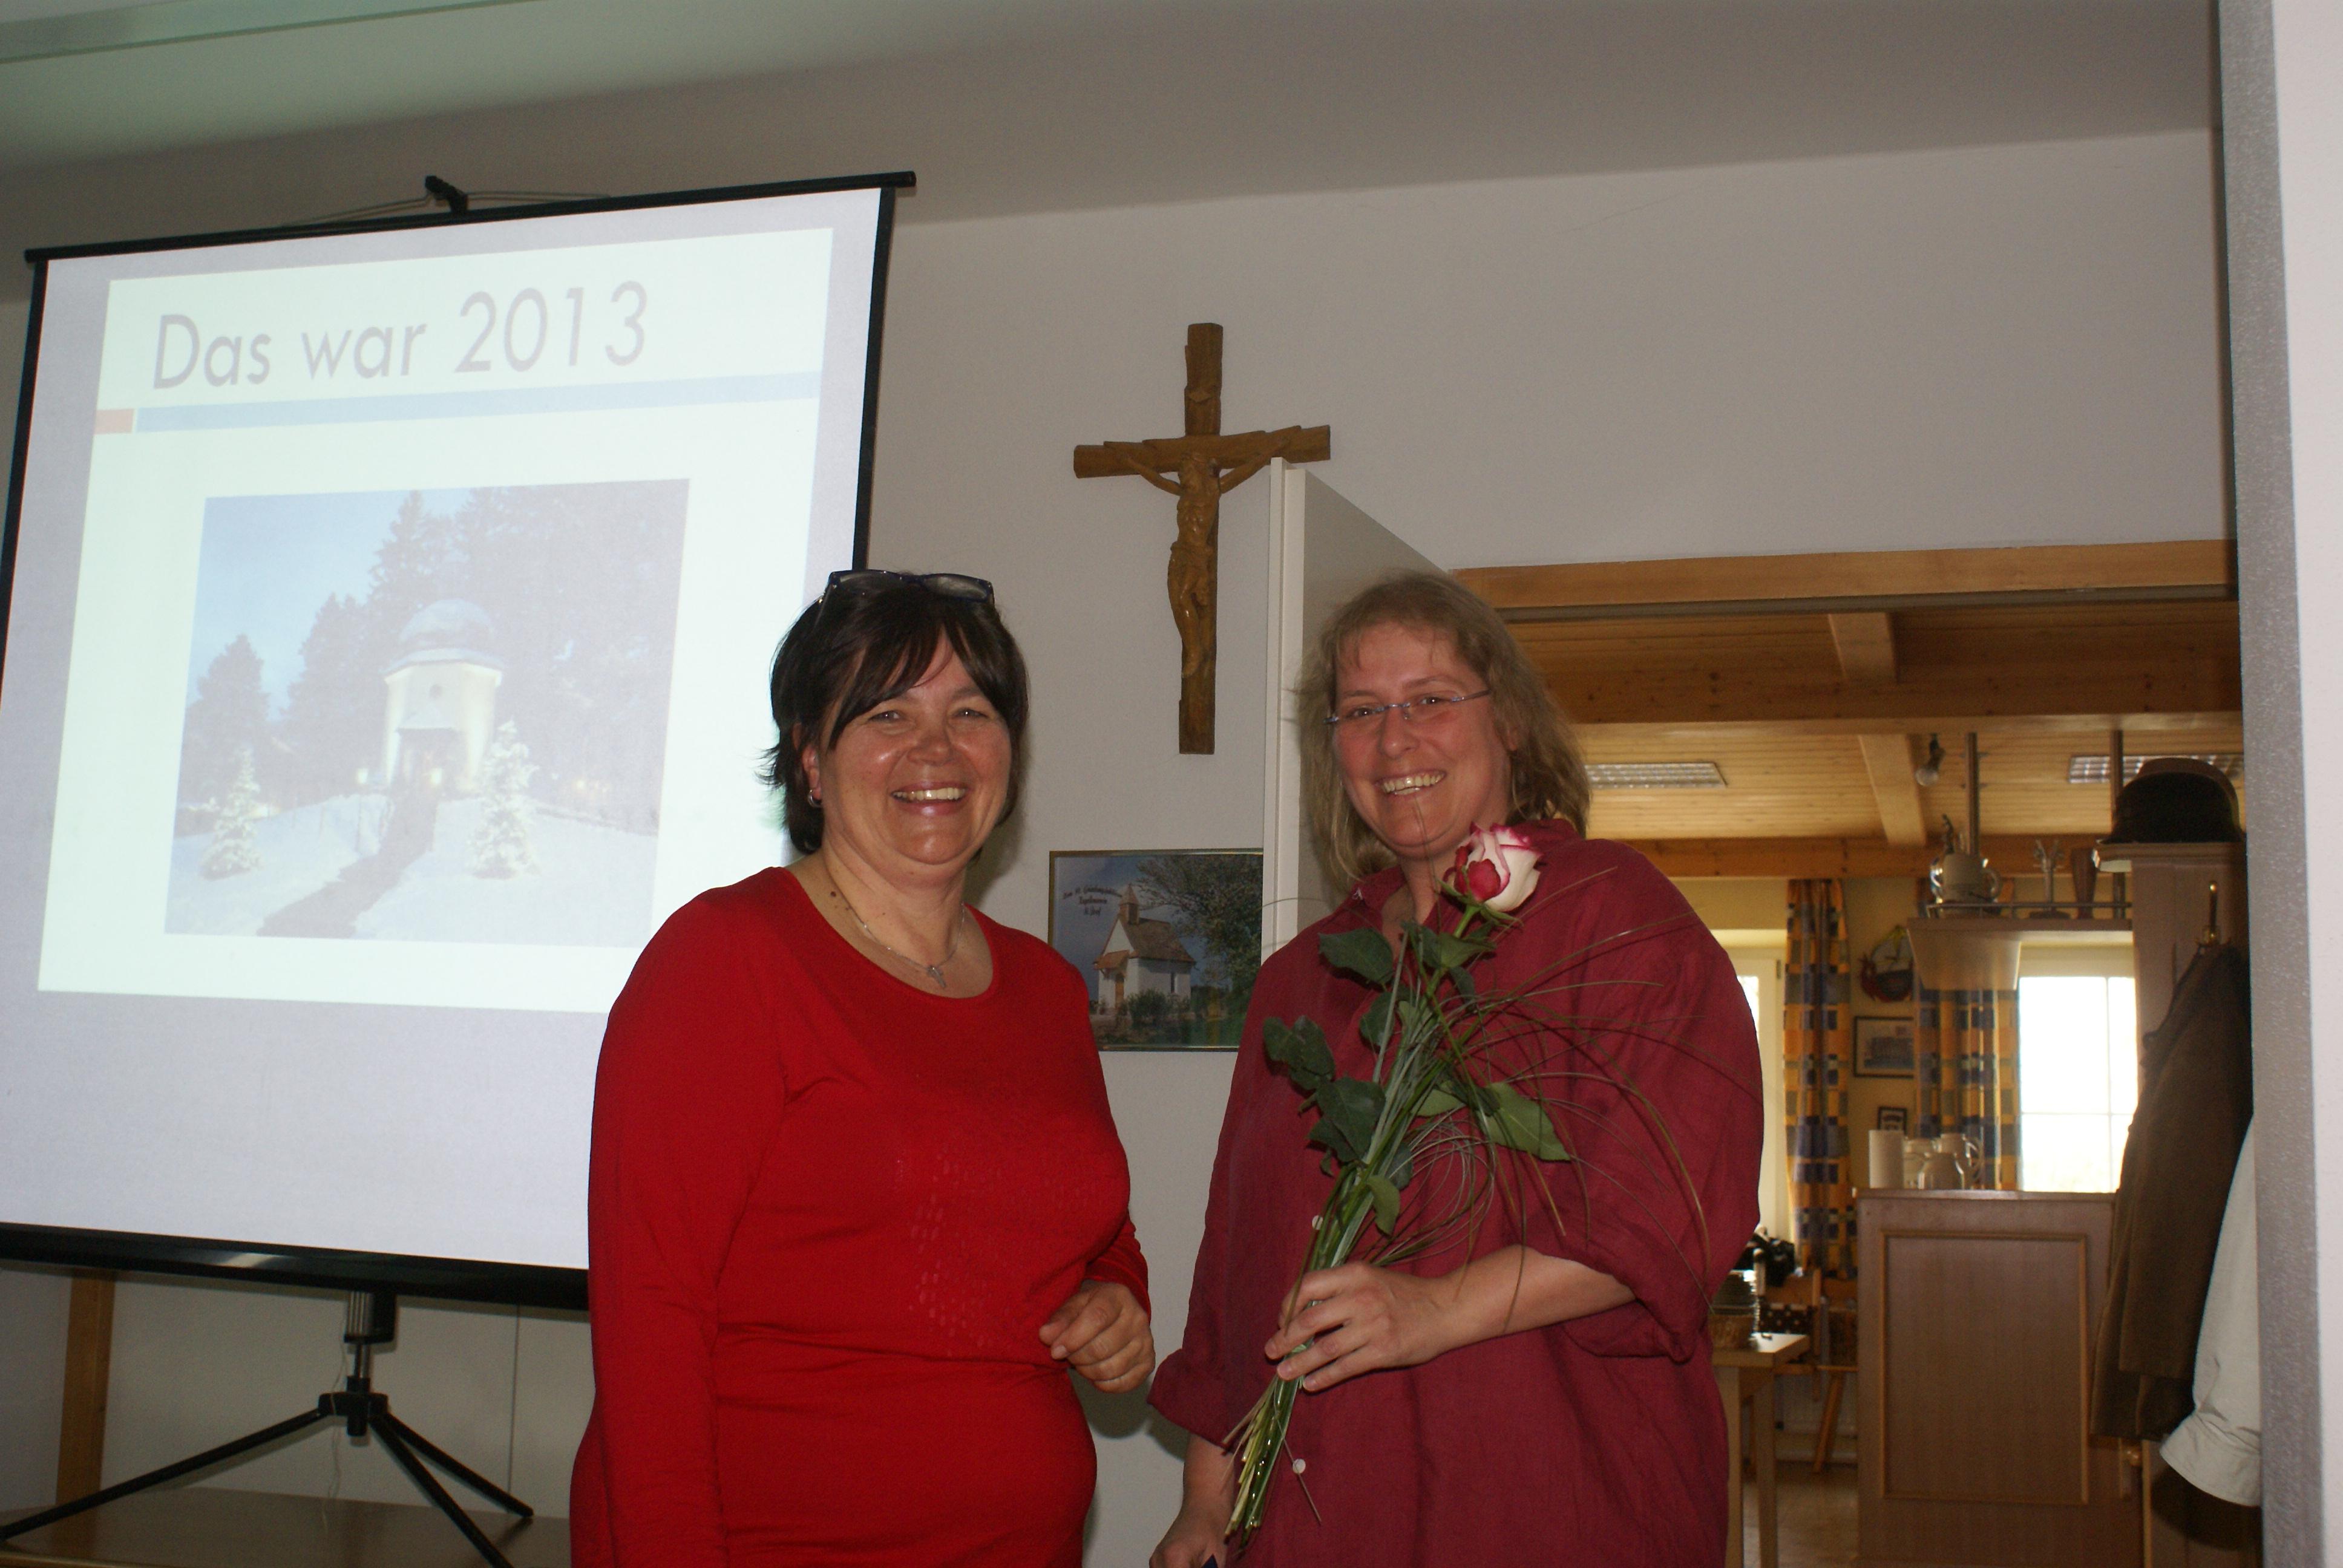 Jahreshauptversammlung der KFD Zaisering-Leonhardspfunzen 2014: Neue Mitglieder